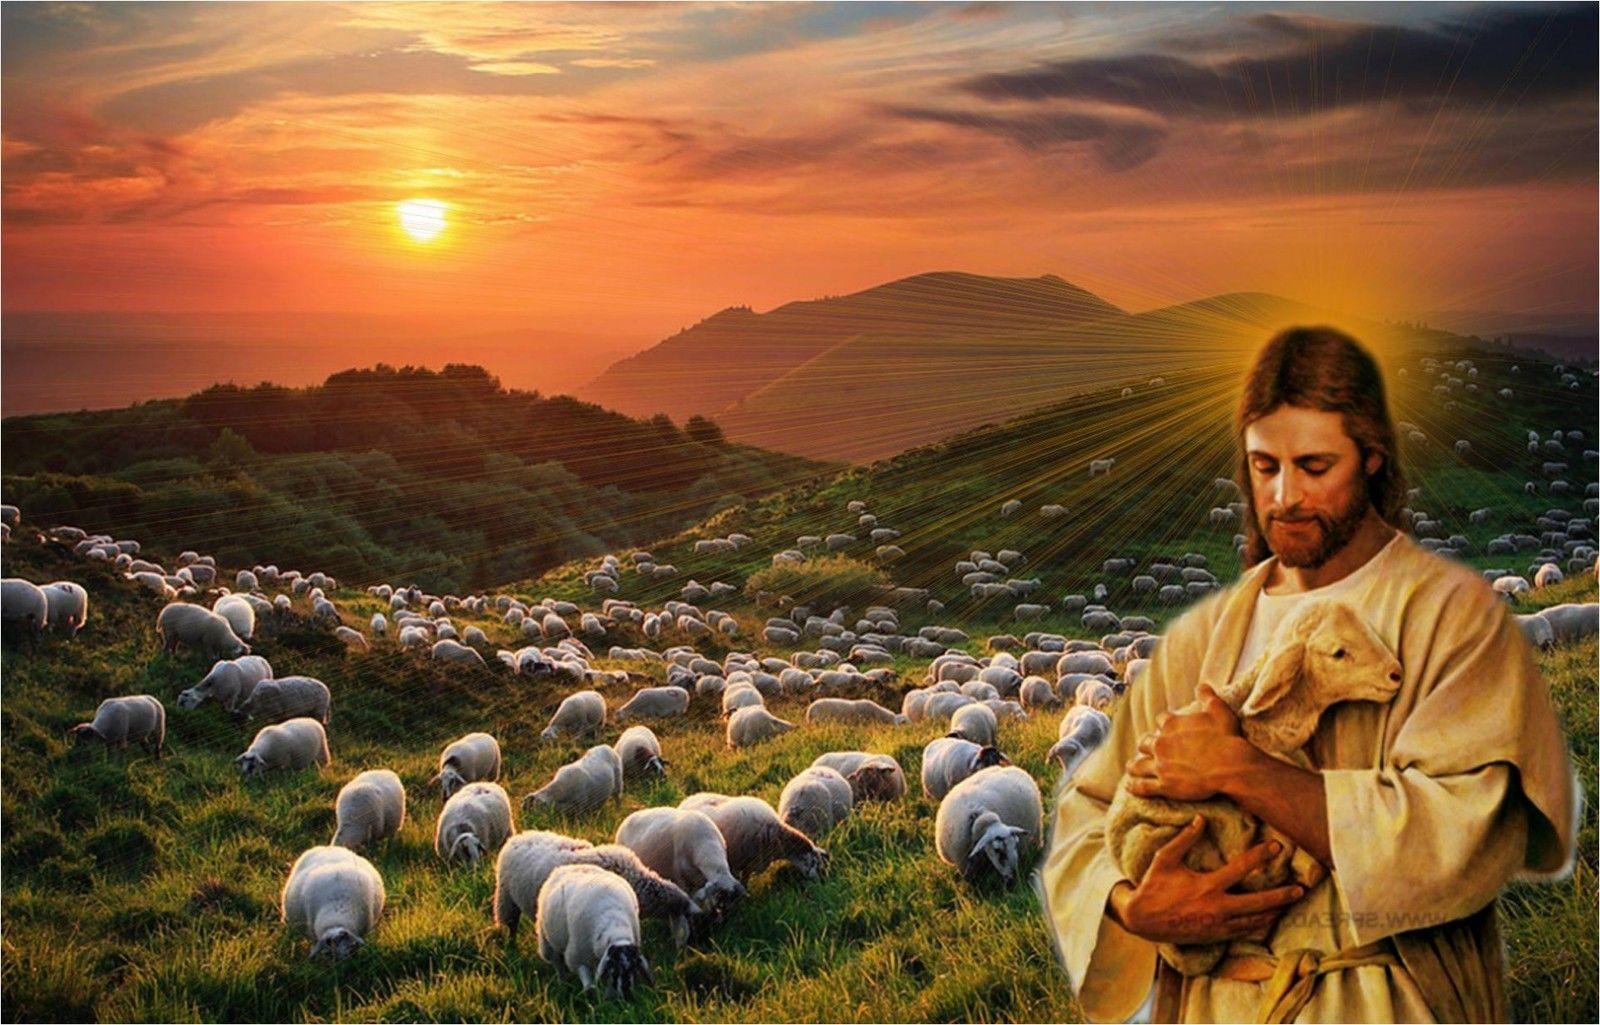 легко пастух из библии фото война без фронтовой